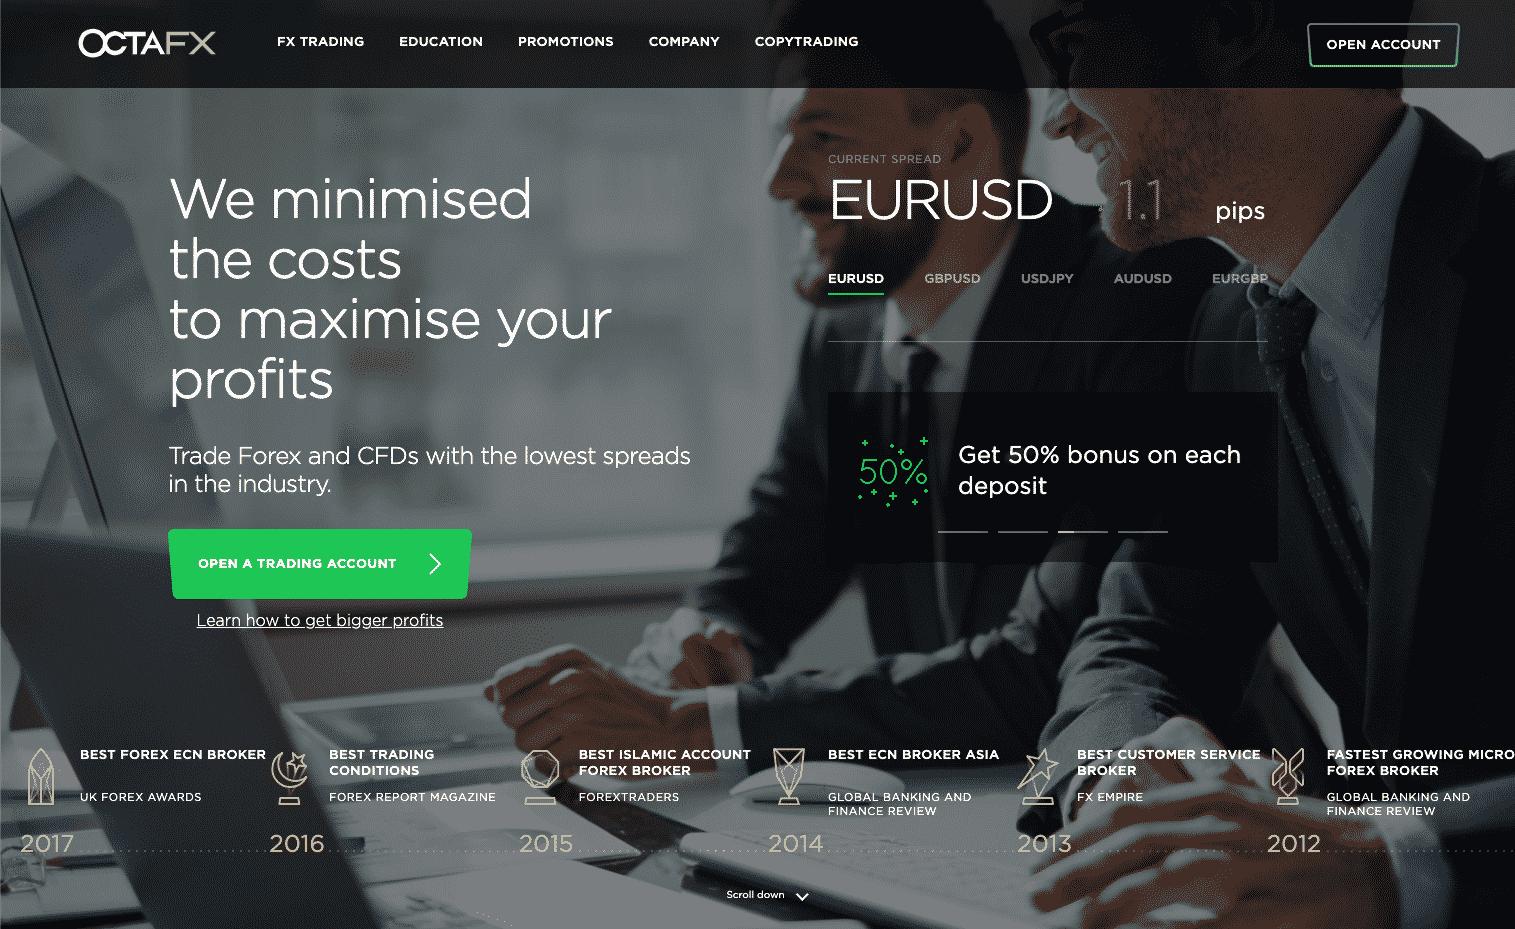 OctaFX Website Screenshot